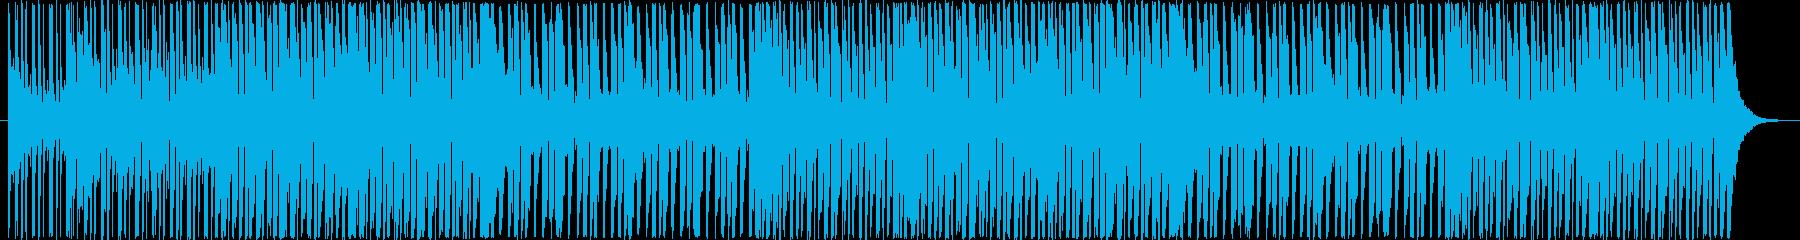 アップテンポでコミカルなBGM!の再生済みの波形